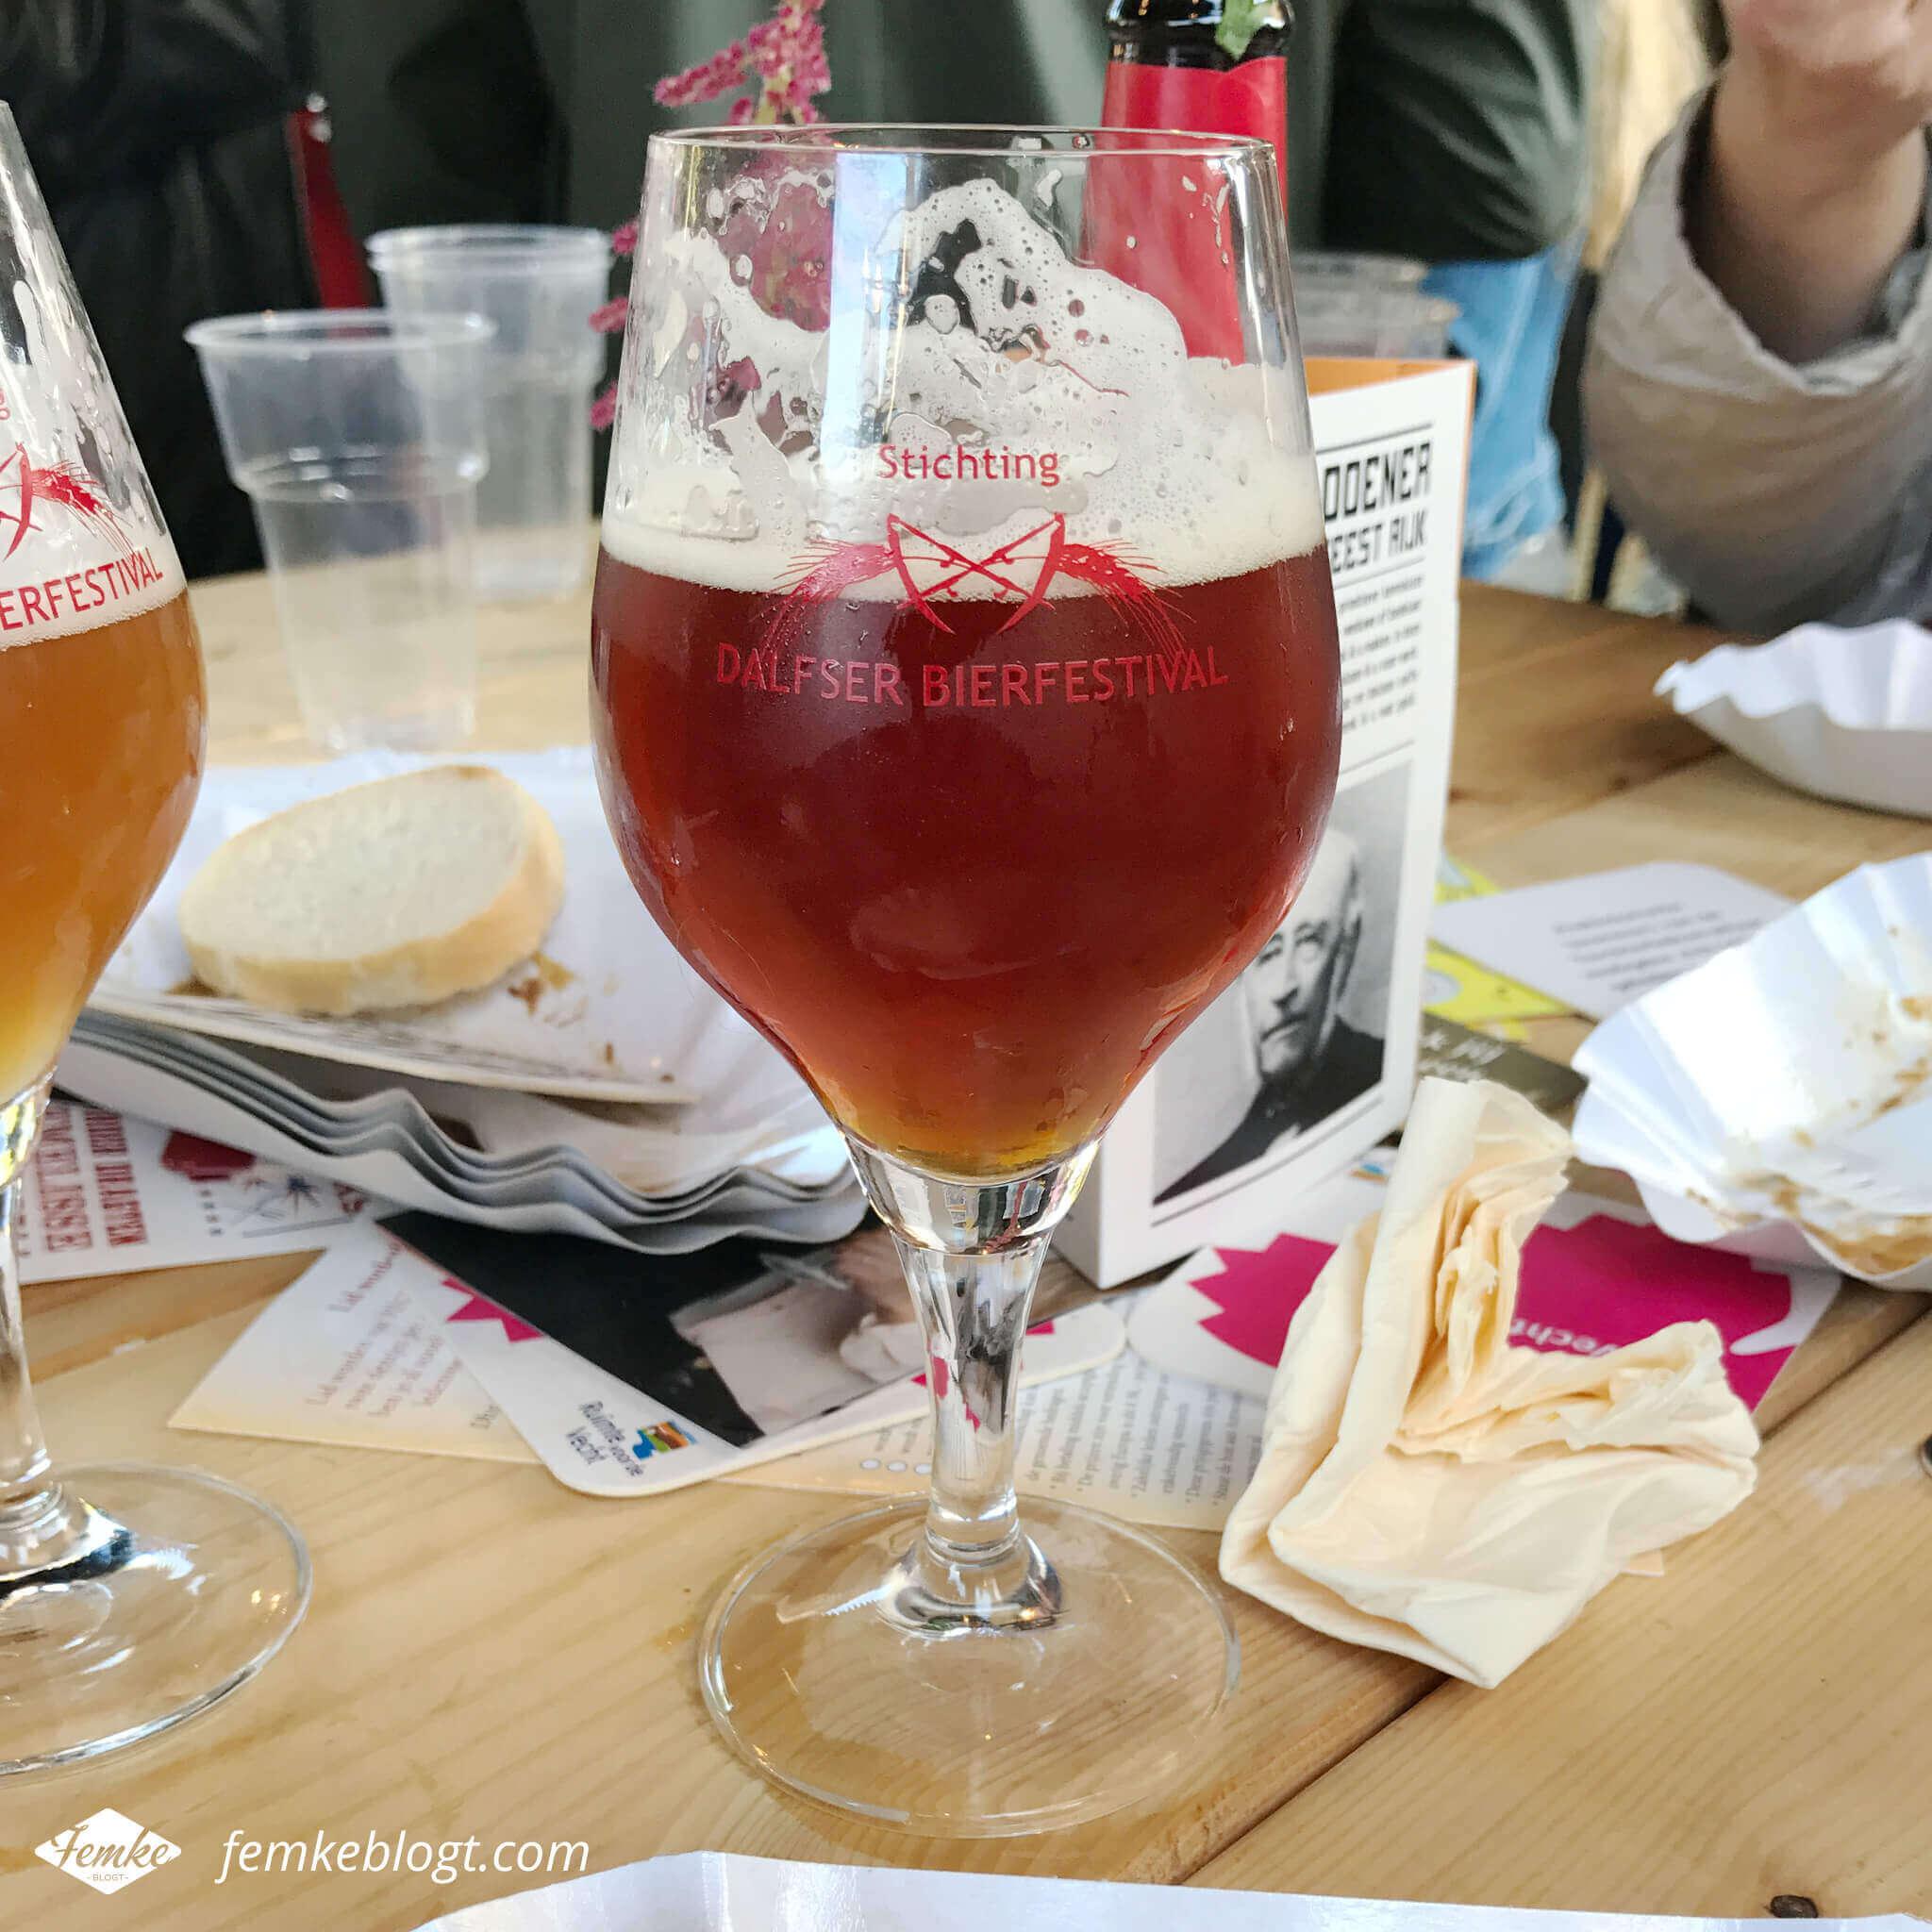 Maandoverzicht september | Bierfestival Dalfsen